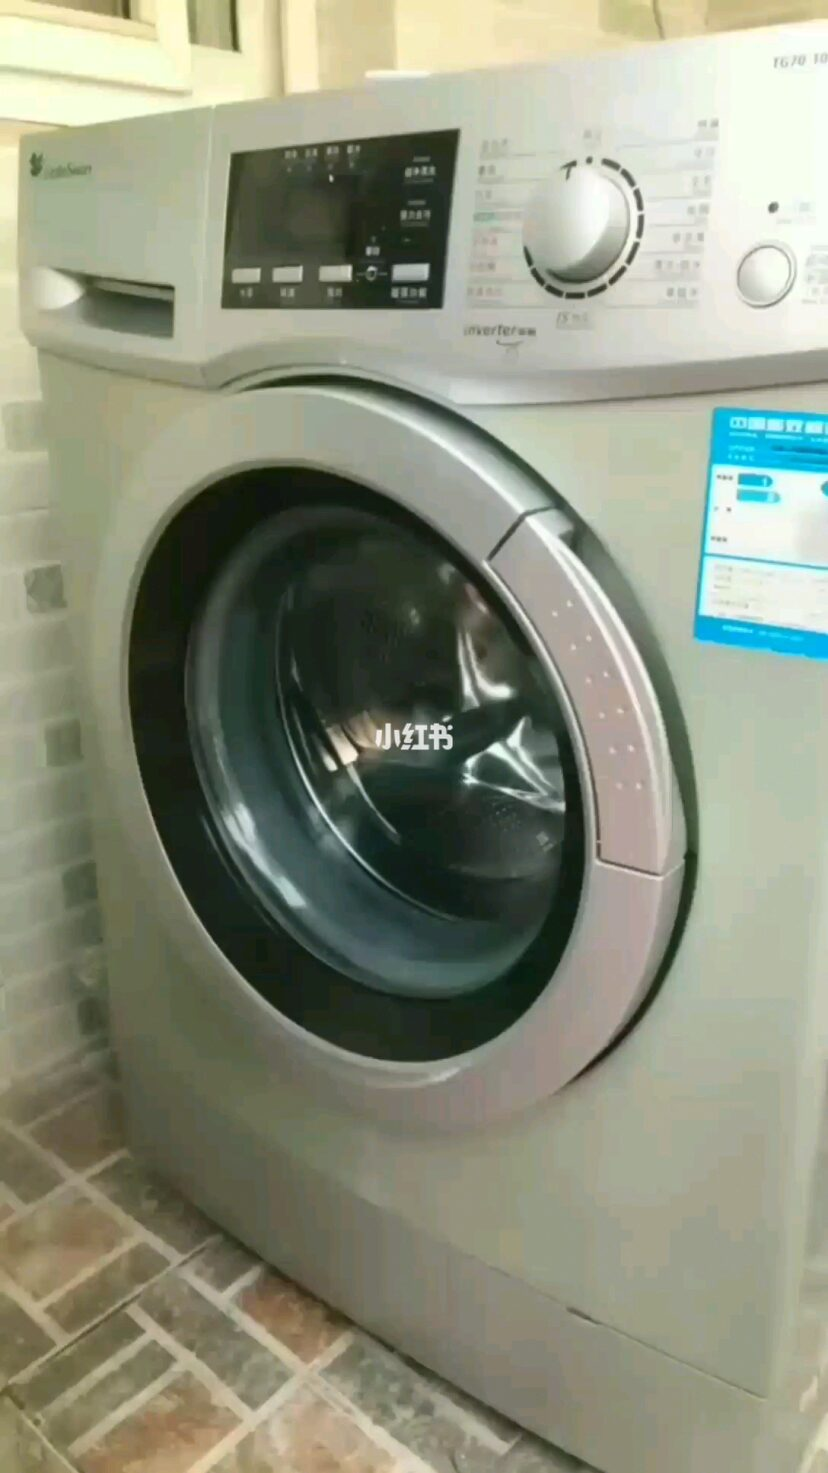 海尔滚筒洗衣机怎么清洁?只要一招就可以彻底清洁洗衣机